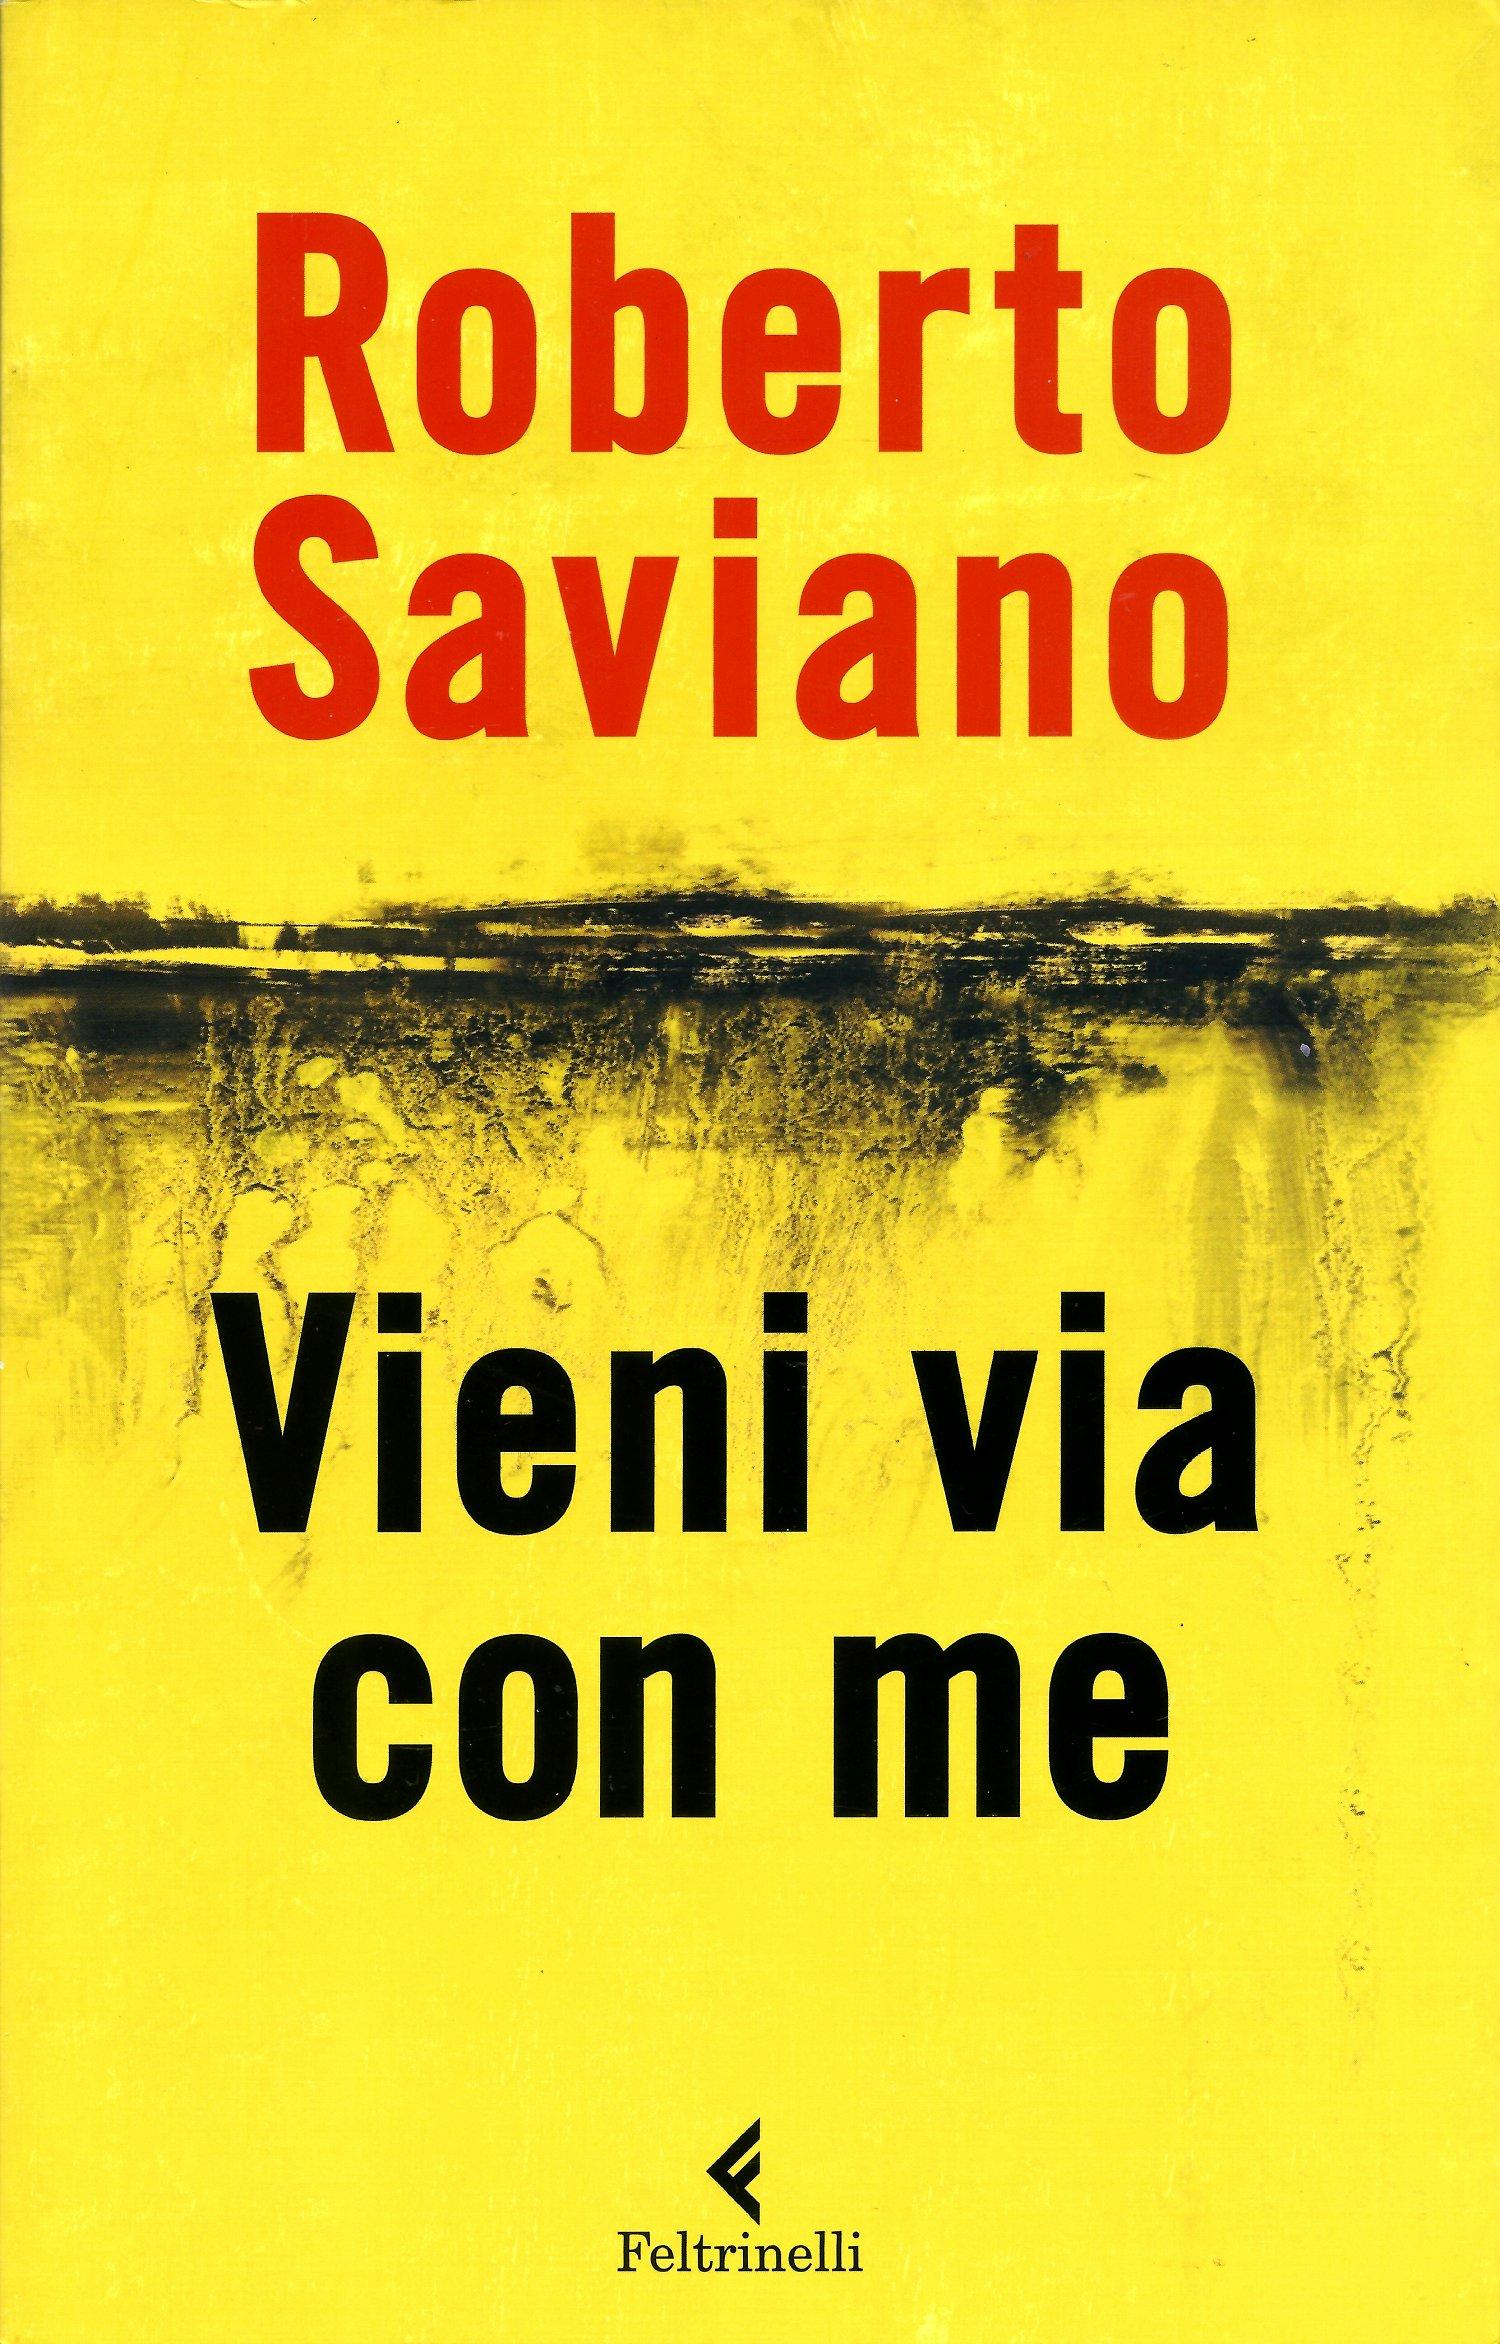 More about Vieni via con me